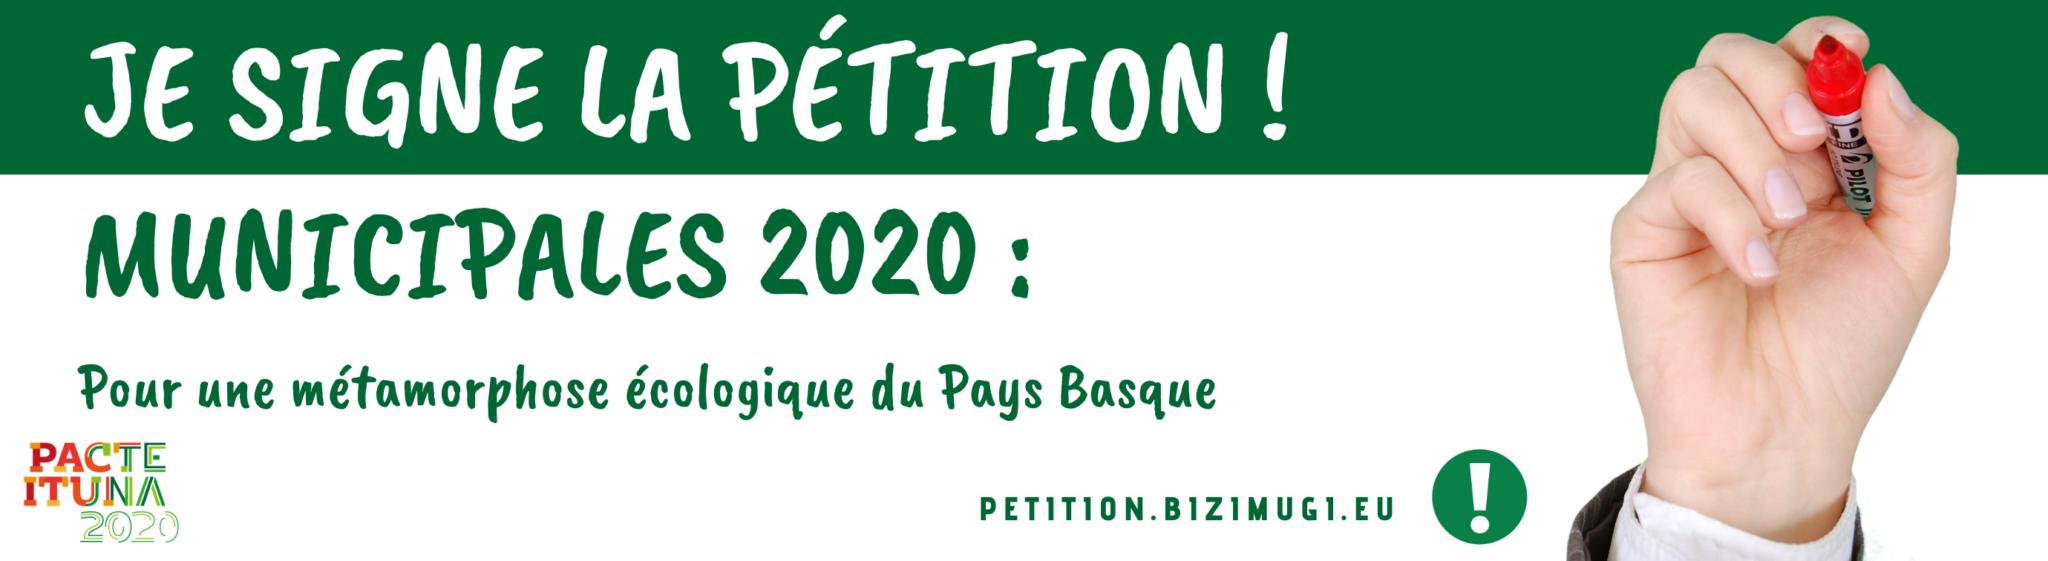 Bandeau blog je signe pétition FR